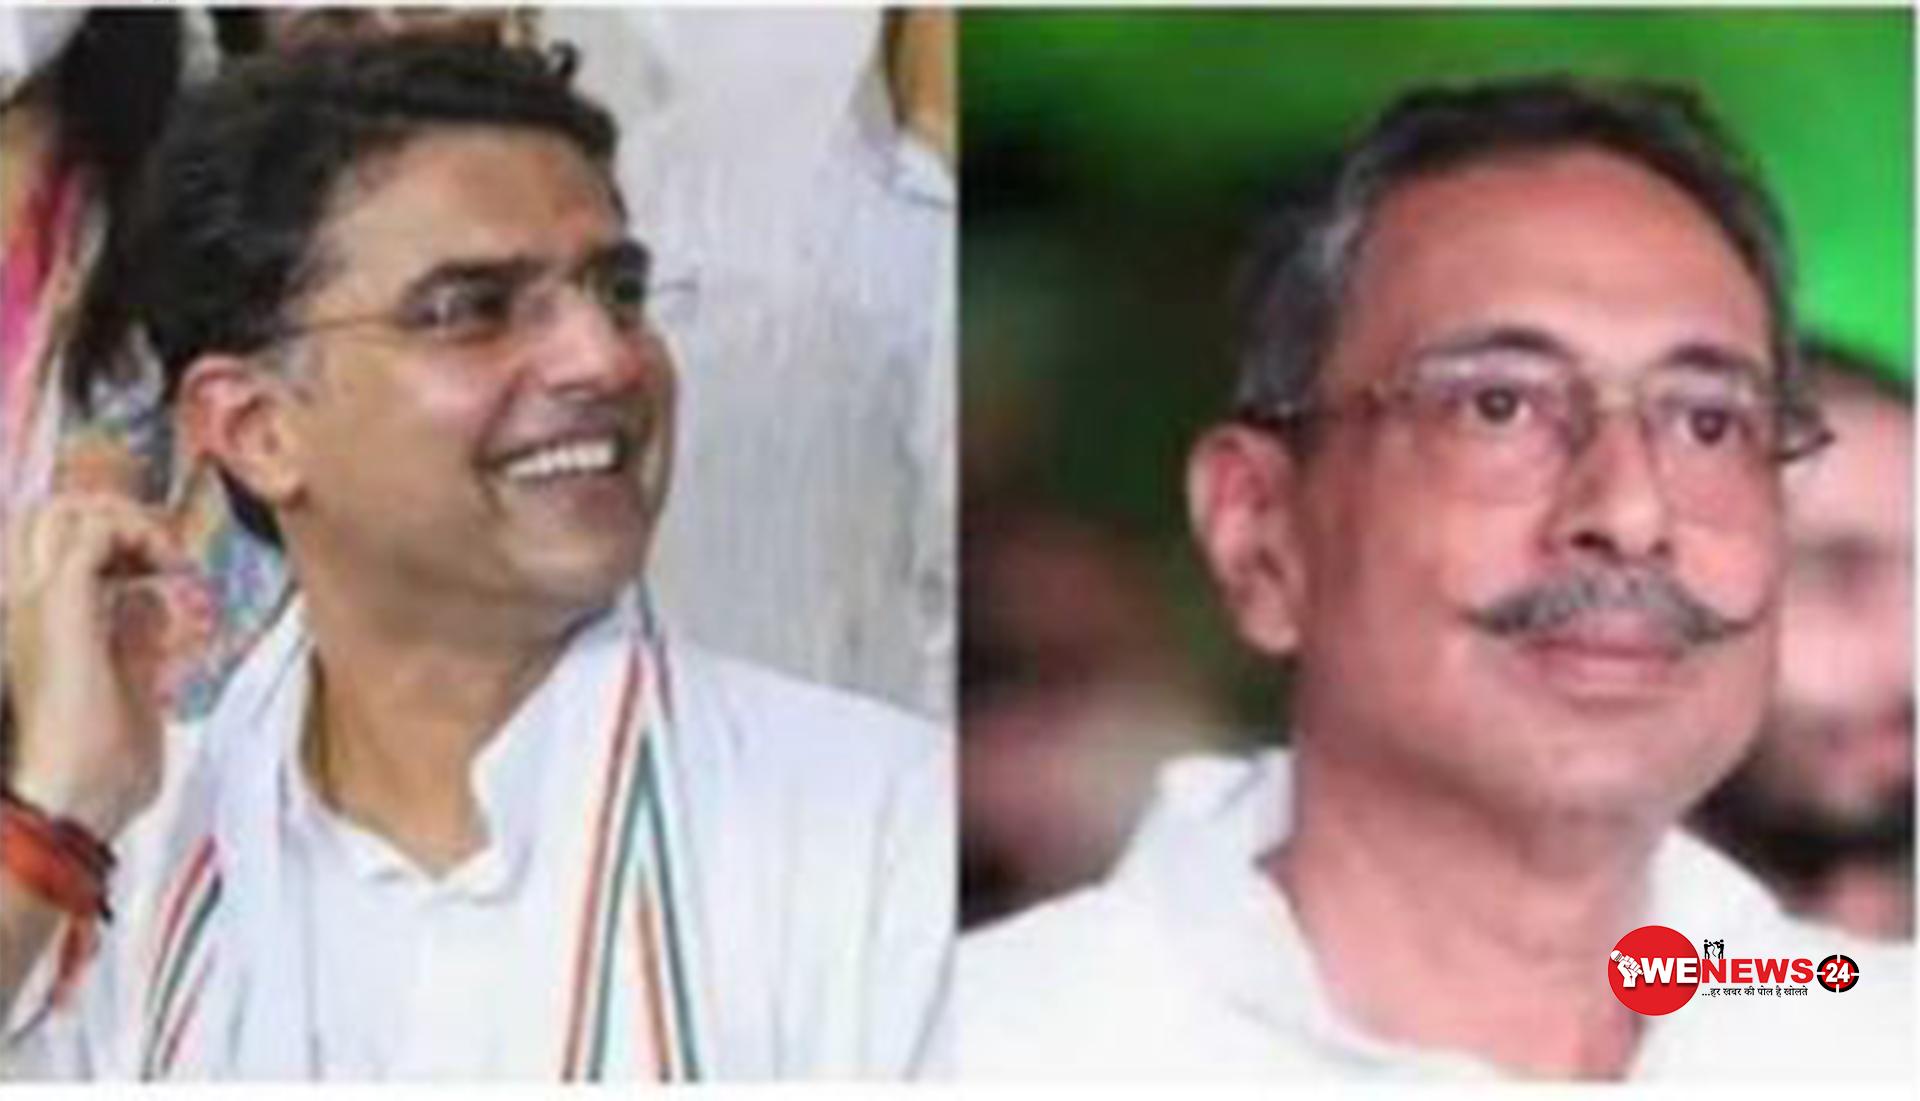 भरतपुर के महाराज और मुख्यमंत्री अशोक गहलोत की मुलकात ने ,राजस्थान की  सियासी सरगर्मी तेज कर दी